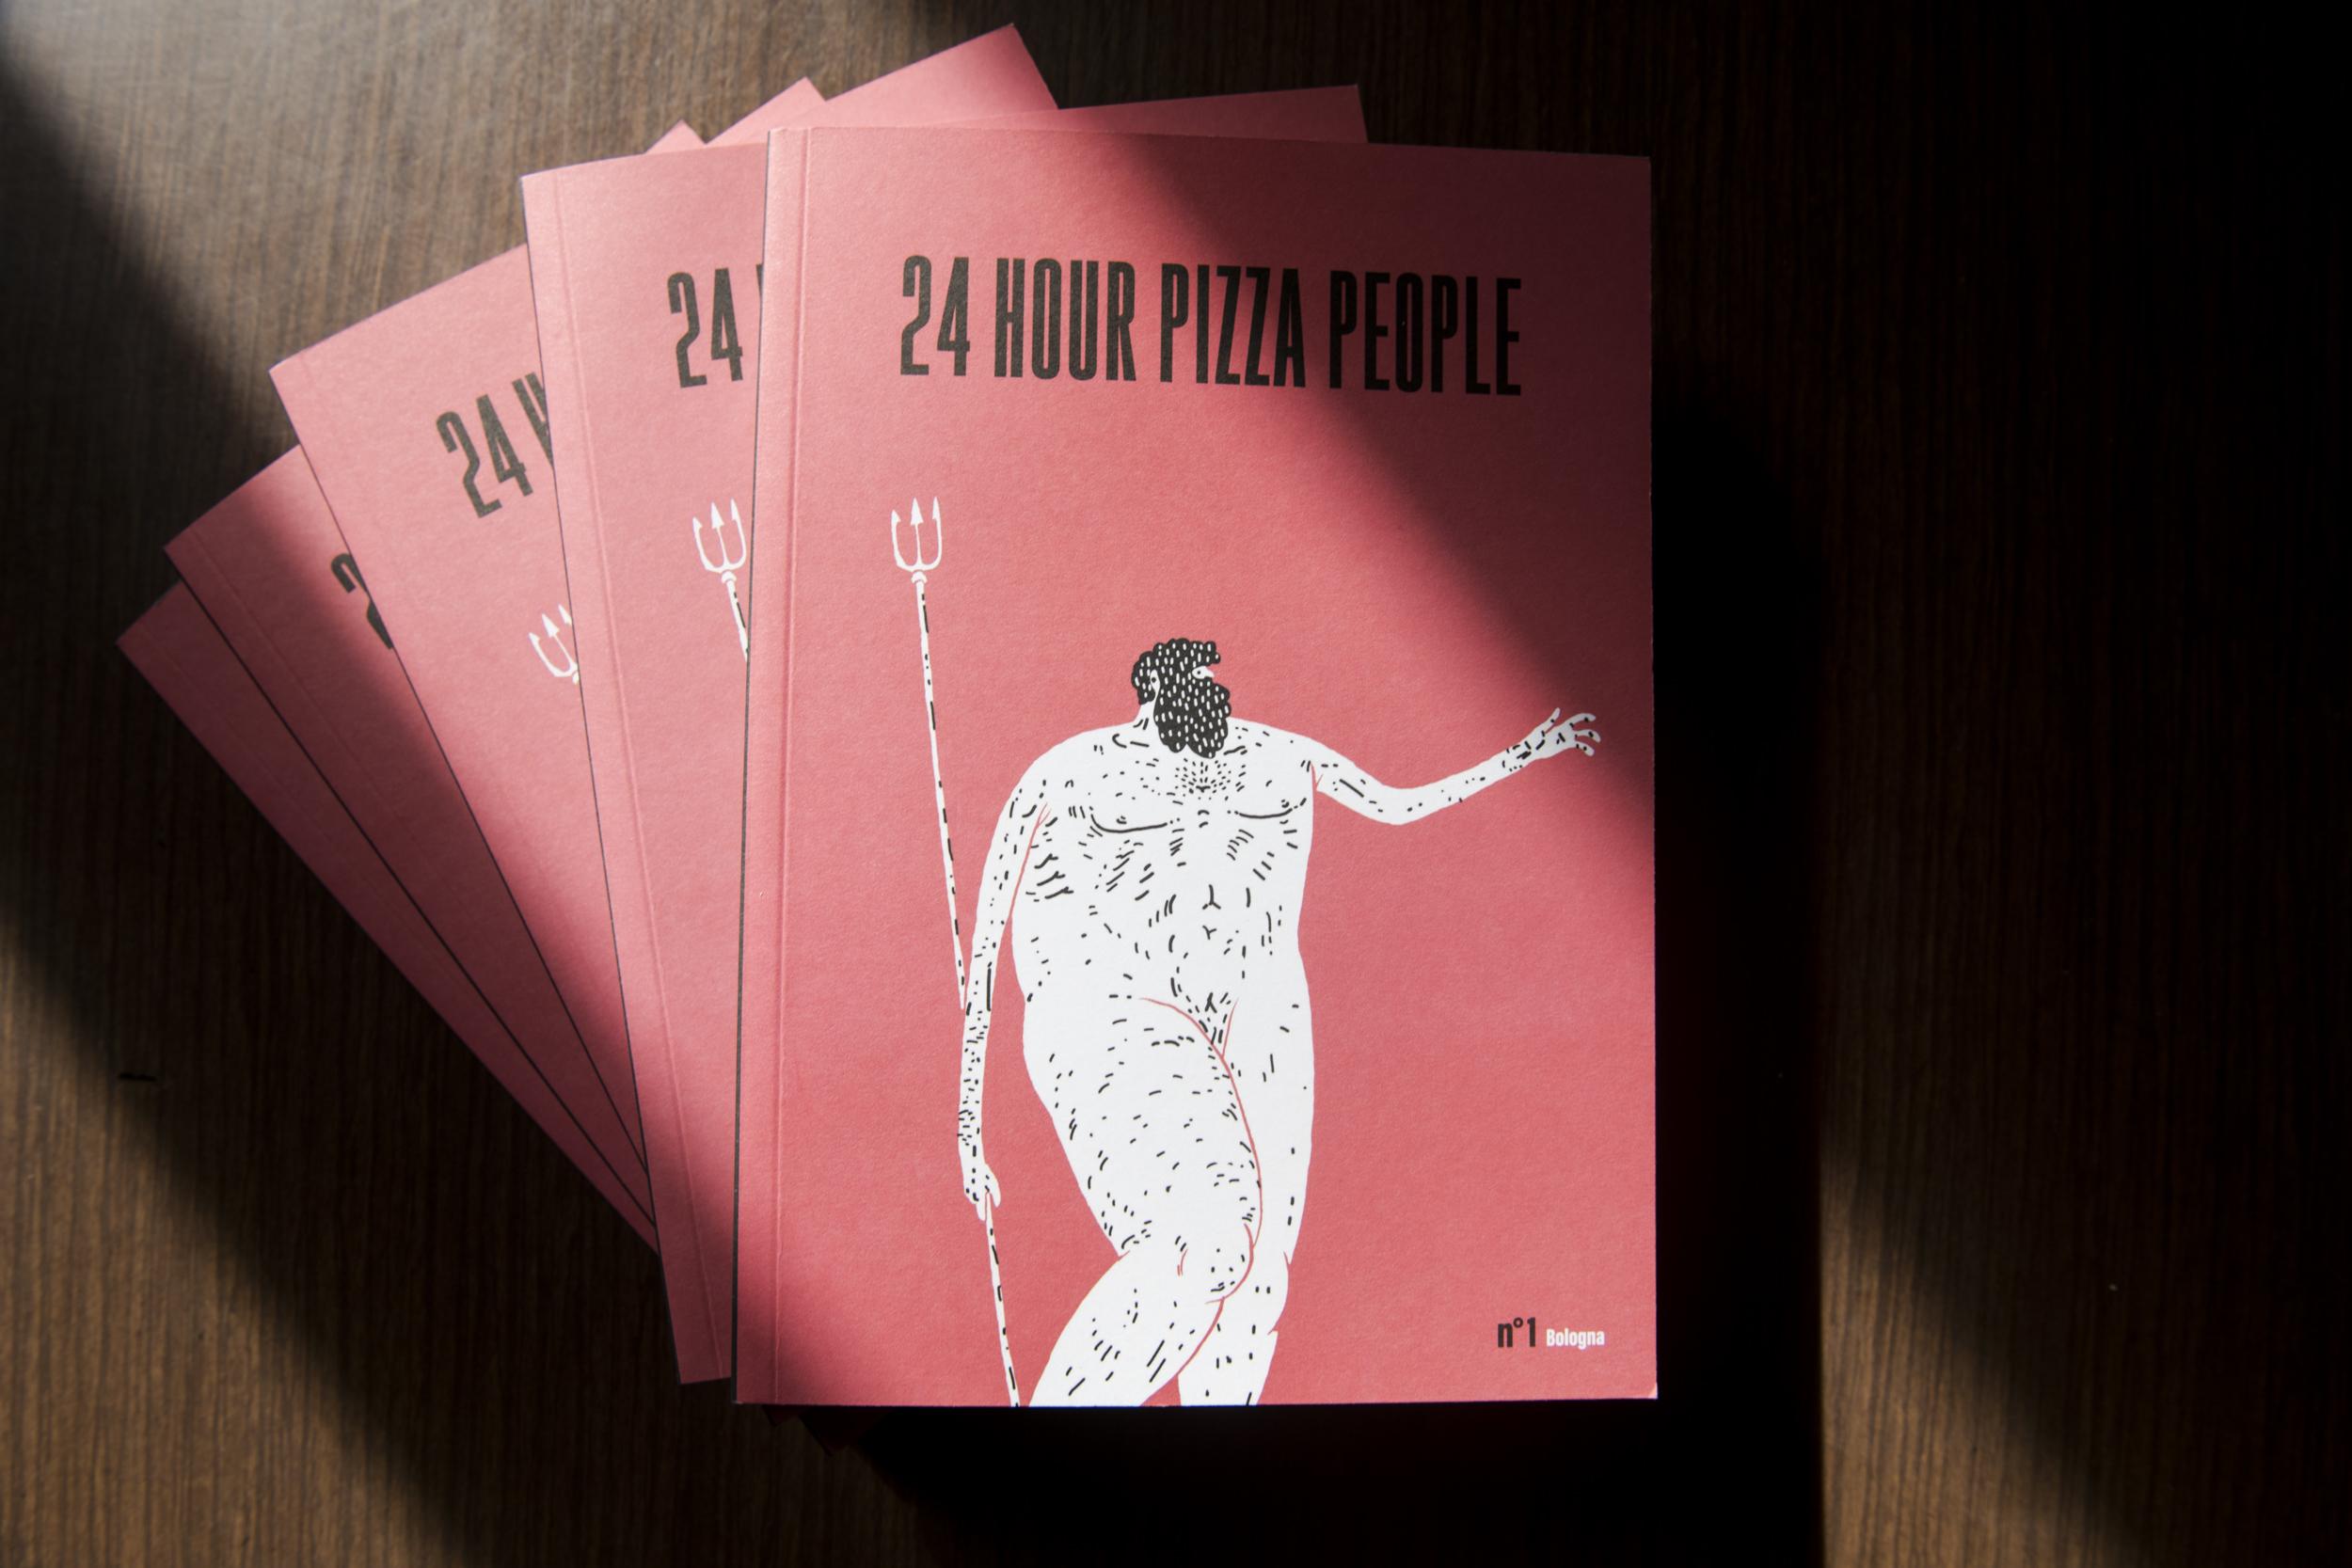 24 HOUR PIZZA PEOPLE - MAGAZINE - BOLOGNA - PREZZO SPECIALE 10 EURO (prezzo copertina 15 euro) 00001